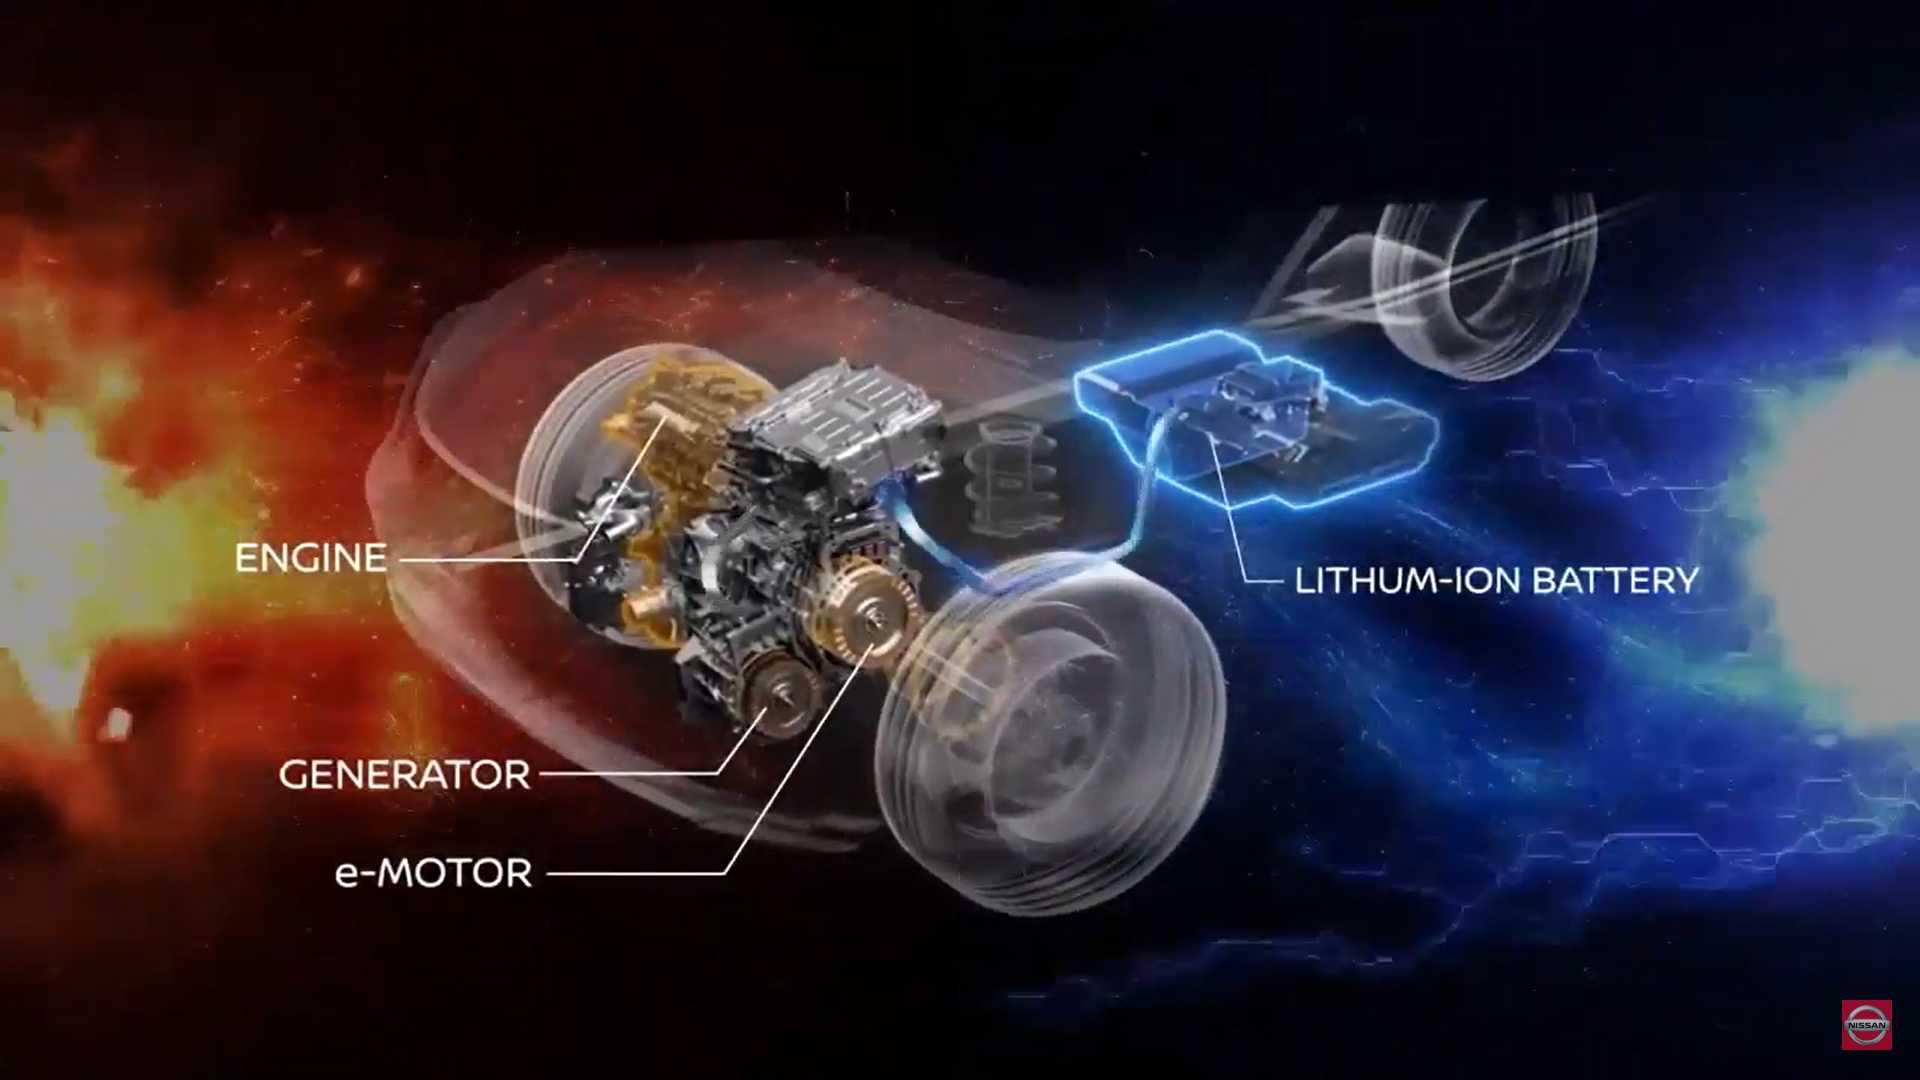 NISSAN KICKS近期就發表搭載增程電動動力的新車型